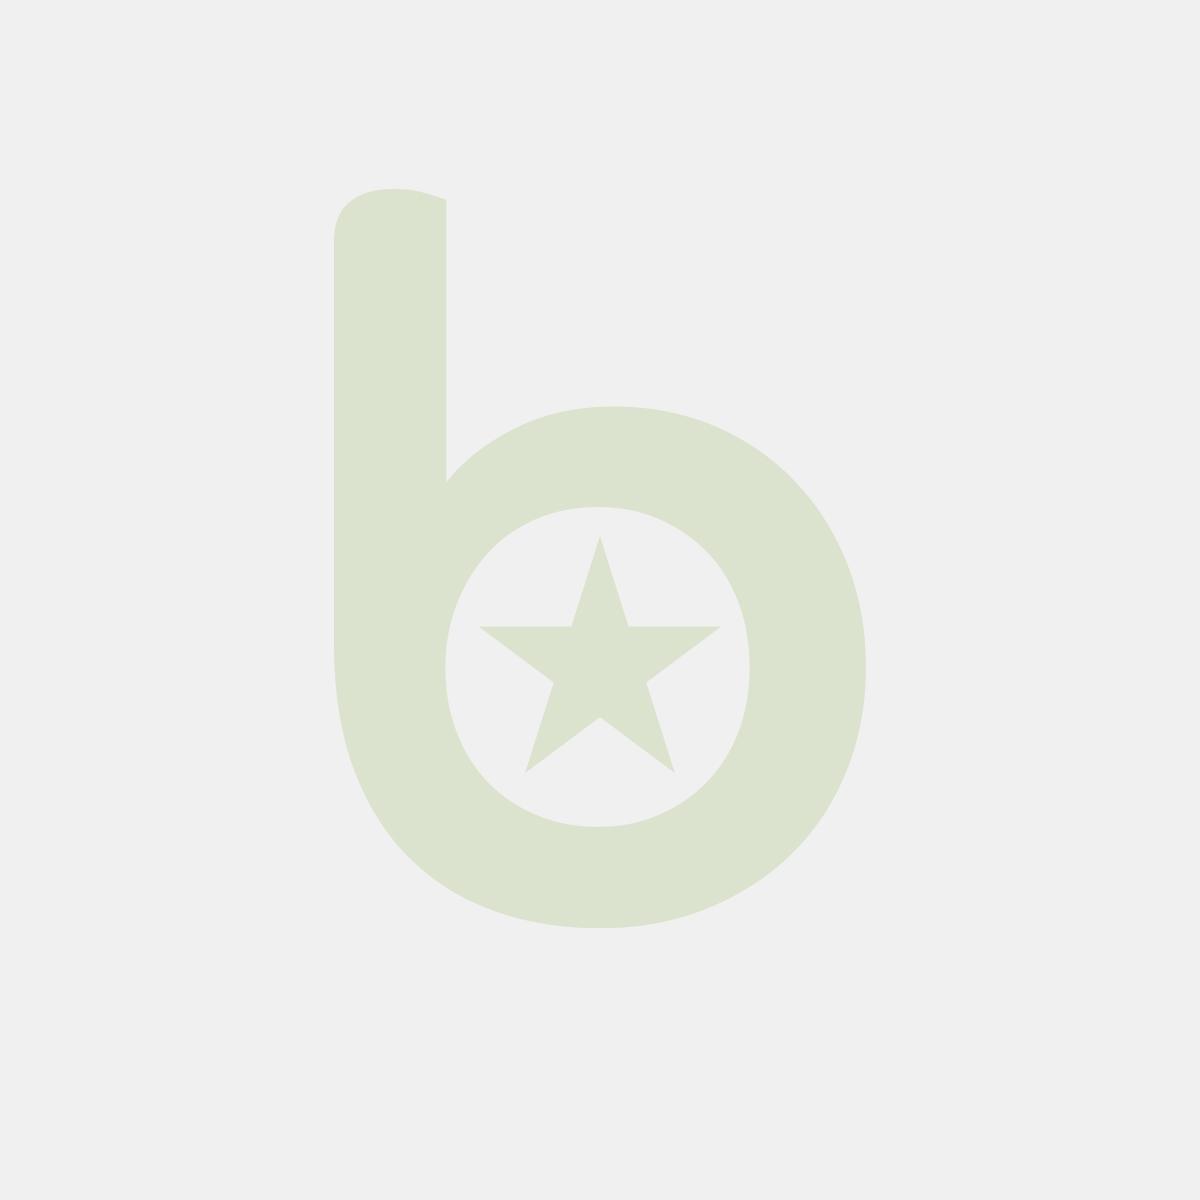 Płyta Grillowa Na Podstawie Z Trzech Stron Zamknietej - Gazowa, 1/2 Gładka + 1/2 Ryflowana, Chromowana Linia 700